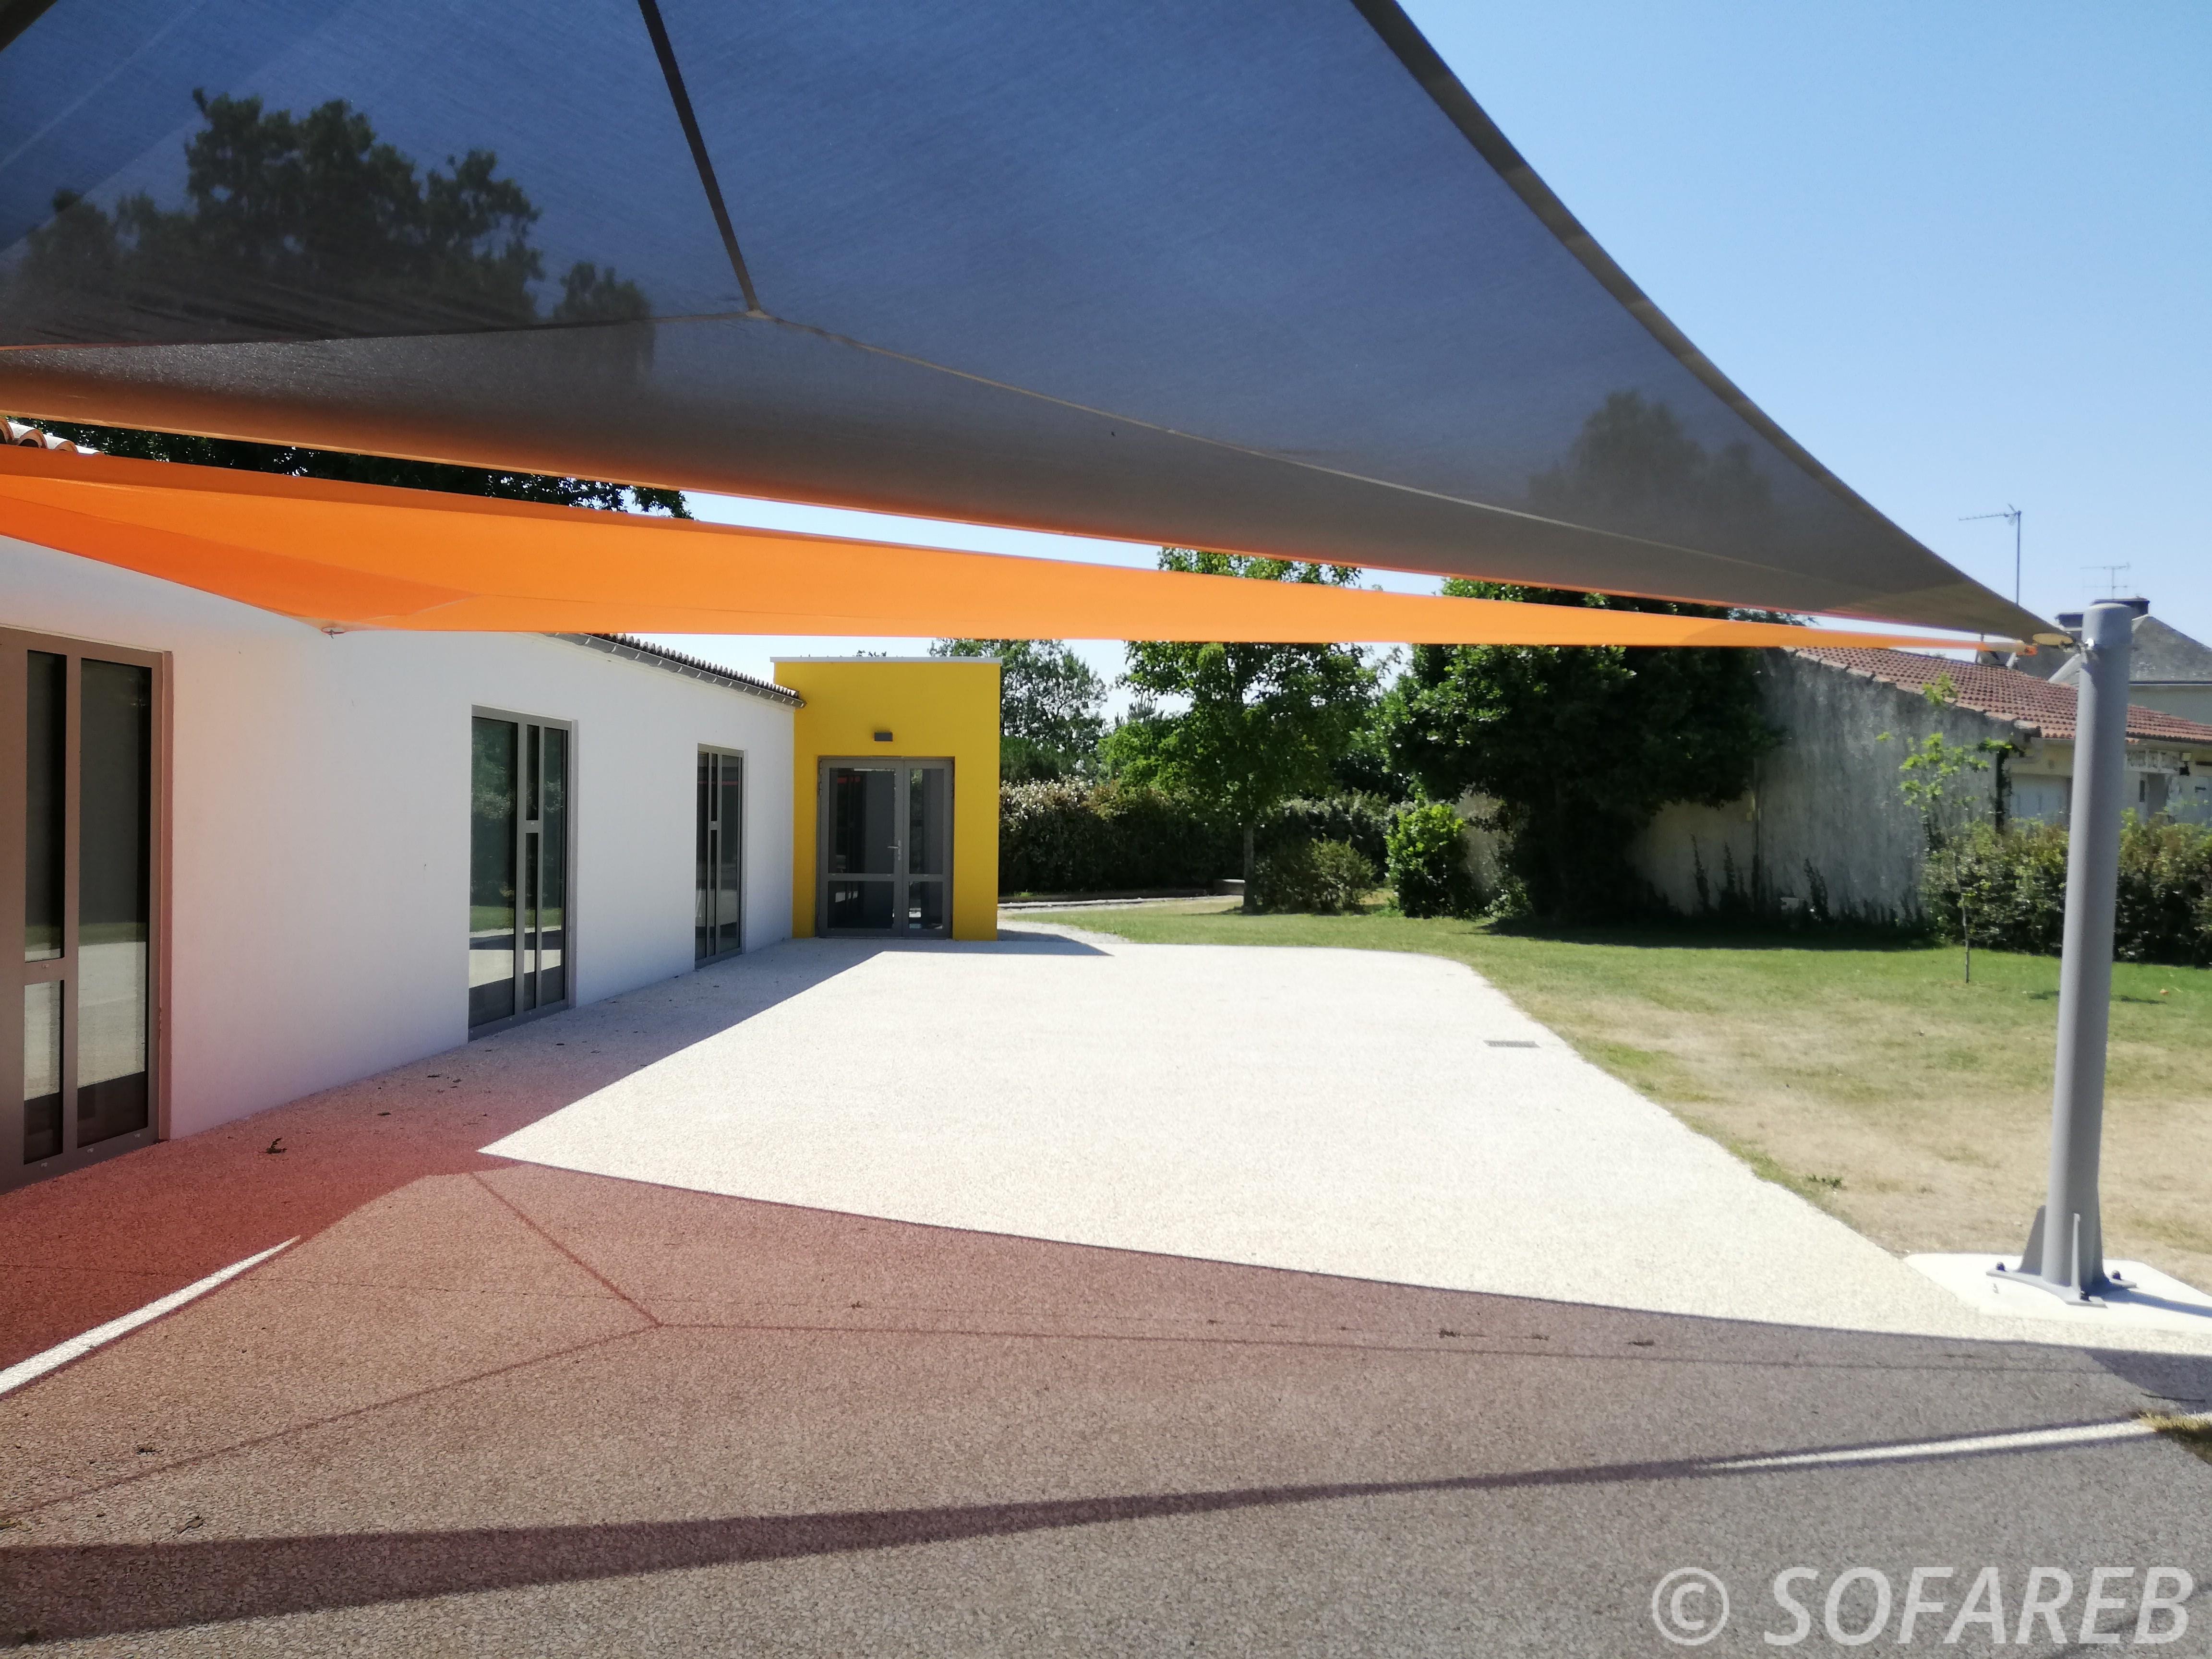 Deux voiles dombrage vue du dessous installées pour ombrager lespace extérieur de la Mairie de Thorigny en Vendée